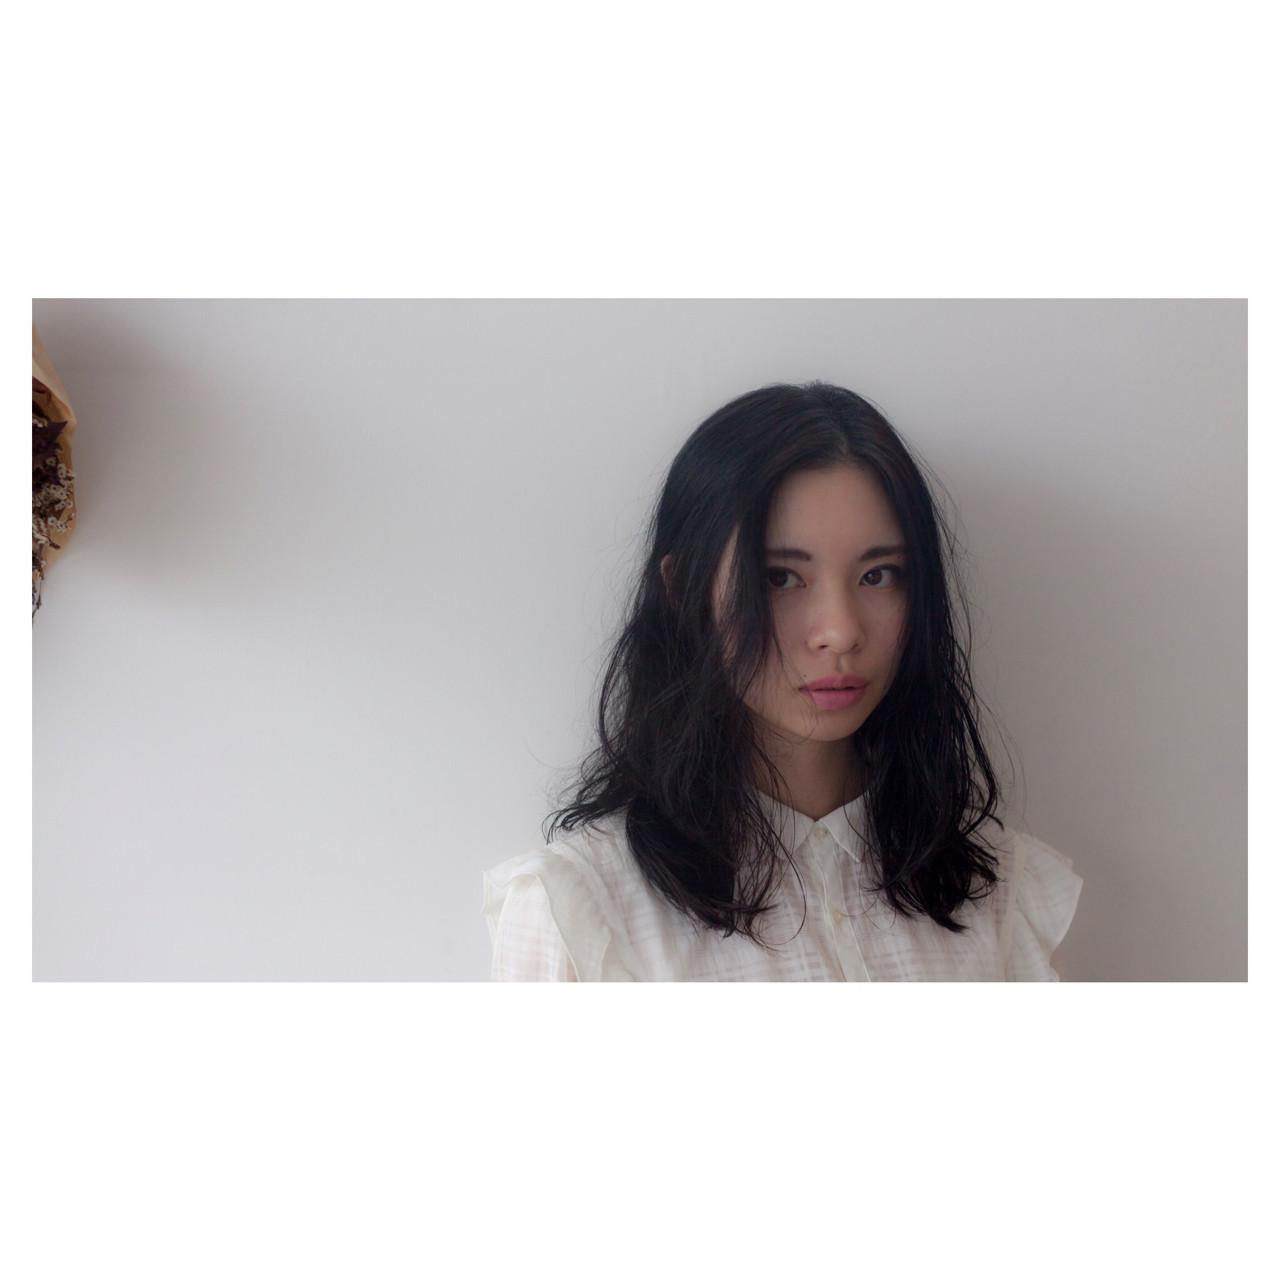 黒髪×ゆるふわパーマならやわらかい雰囲気に! 中村真一 | hair make No.8 宮崎市